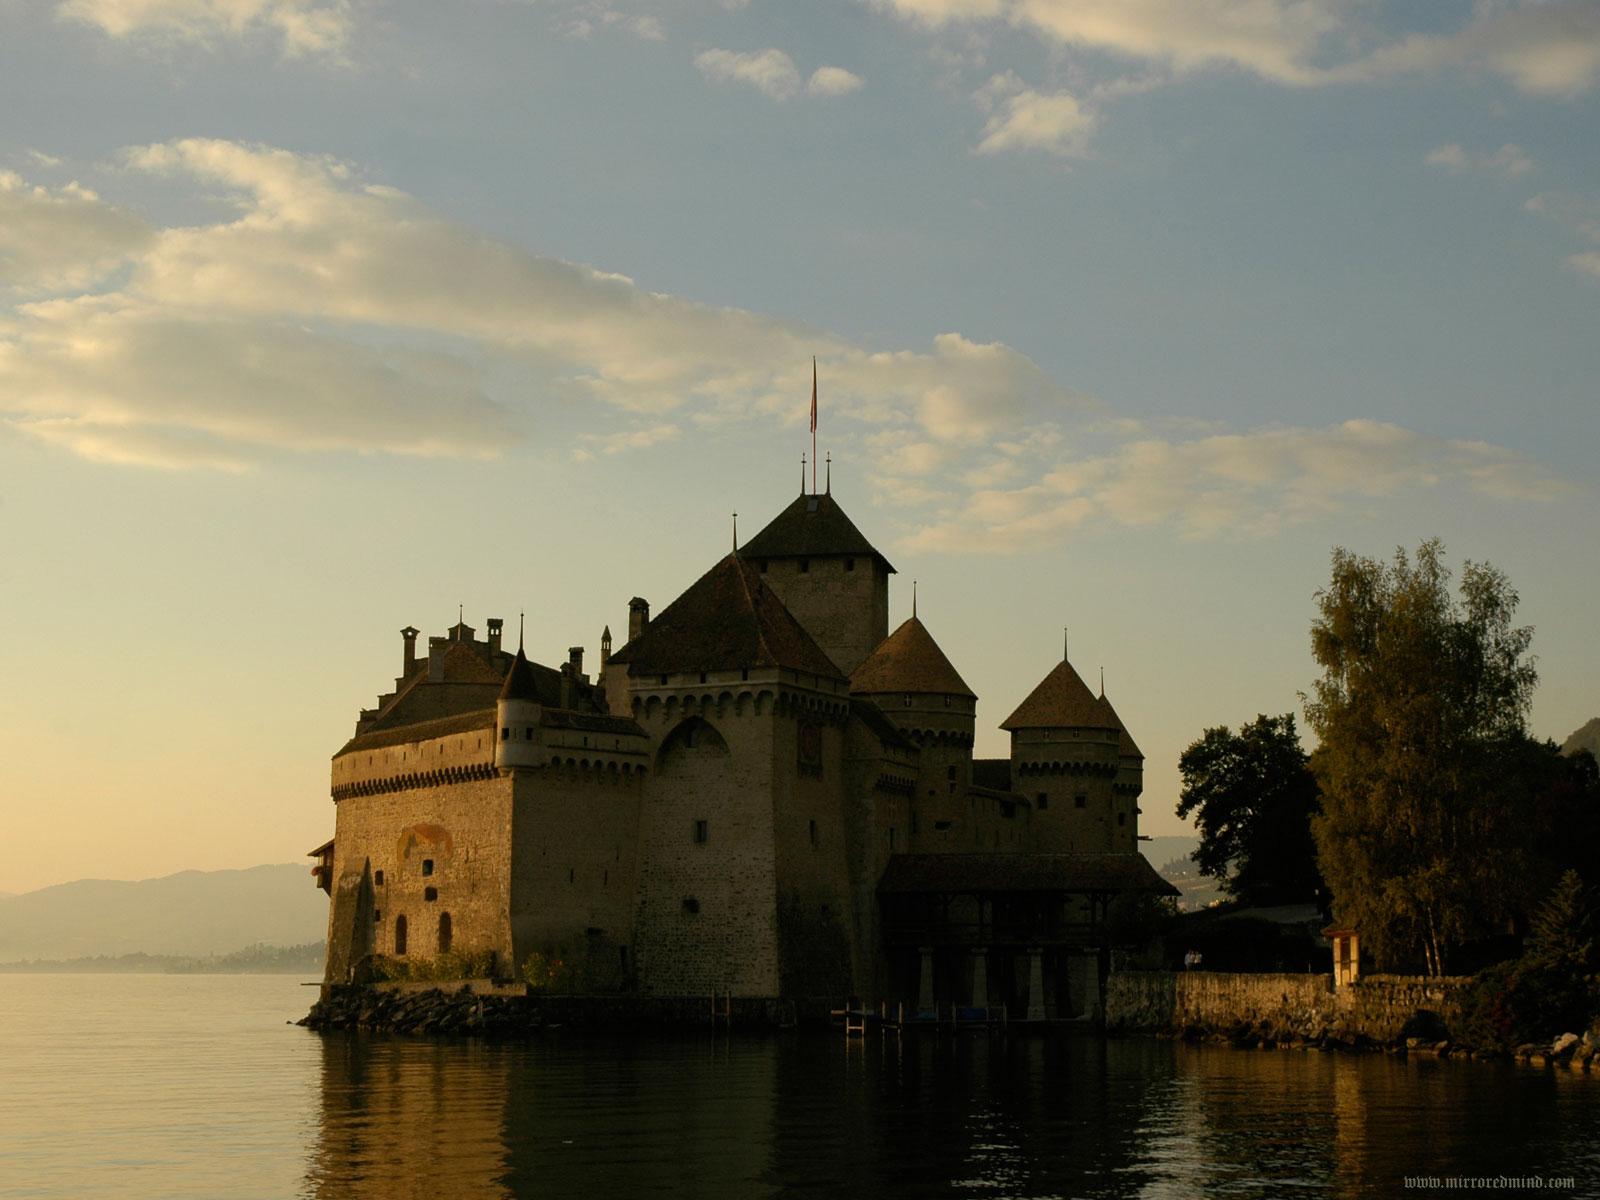 Uno de los impresonantes castillos de Suiza